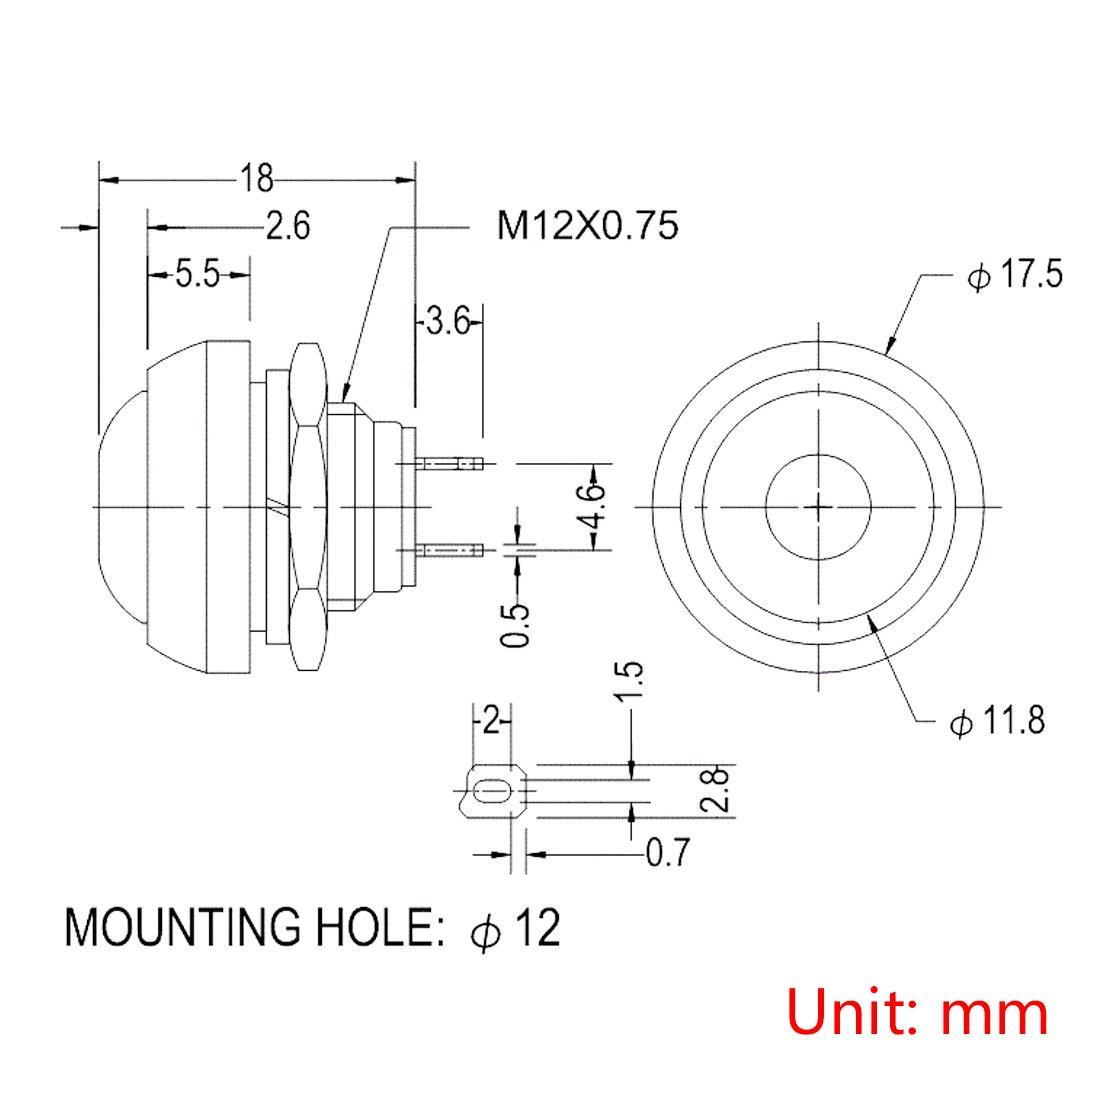 Larcele 10x 12mm Impermeable Momentaneo Prueba de Agua Boton Pulsador ANKG-01 (5 Colores): Amazon.es: Bricolaje y herramientas